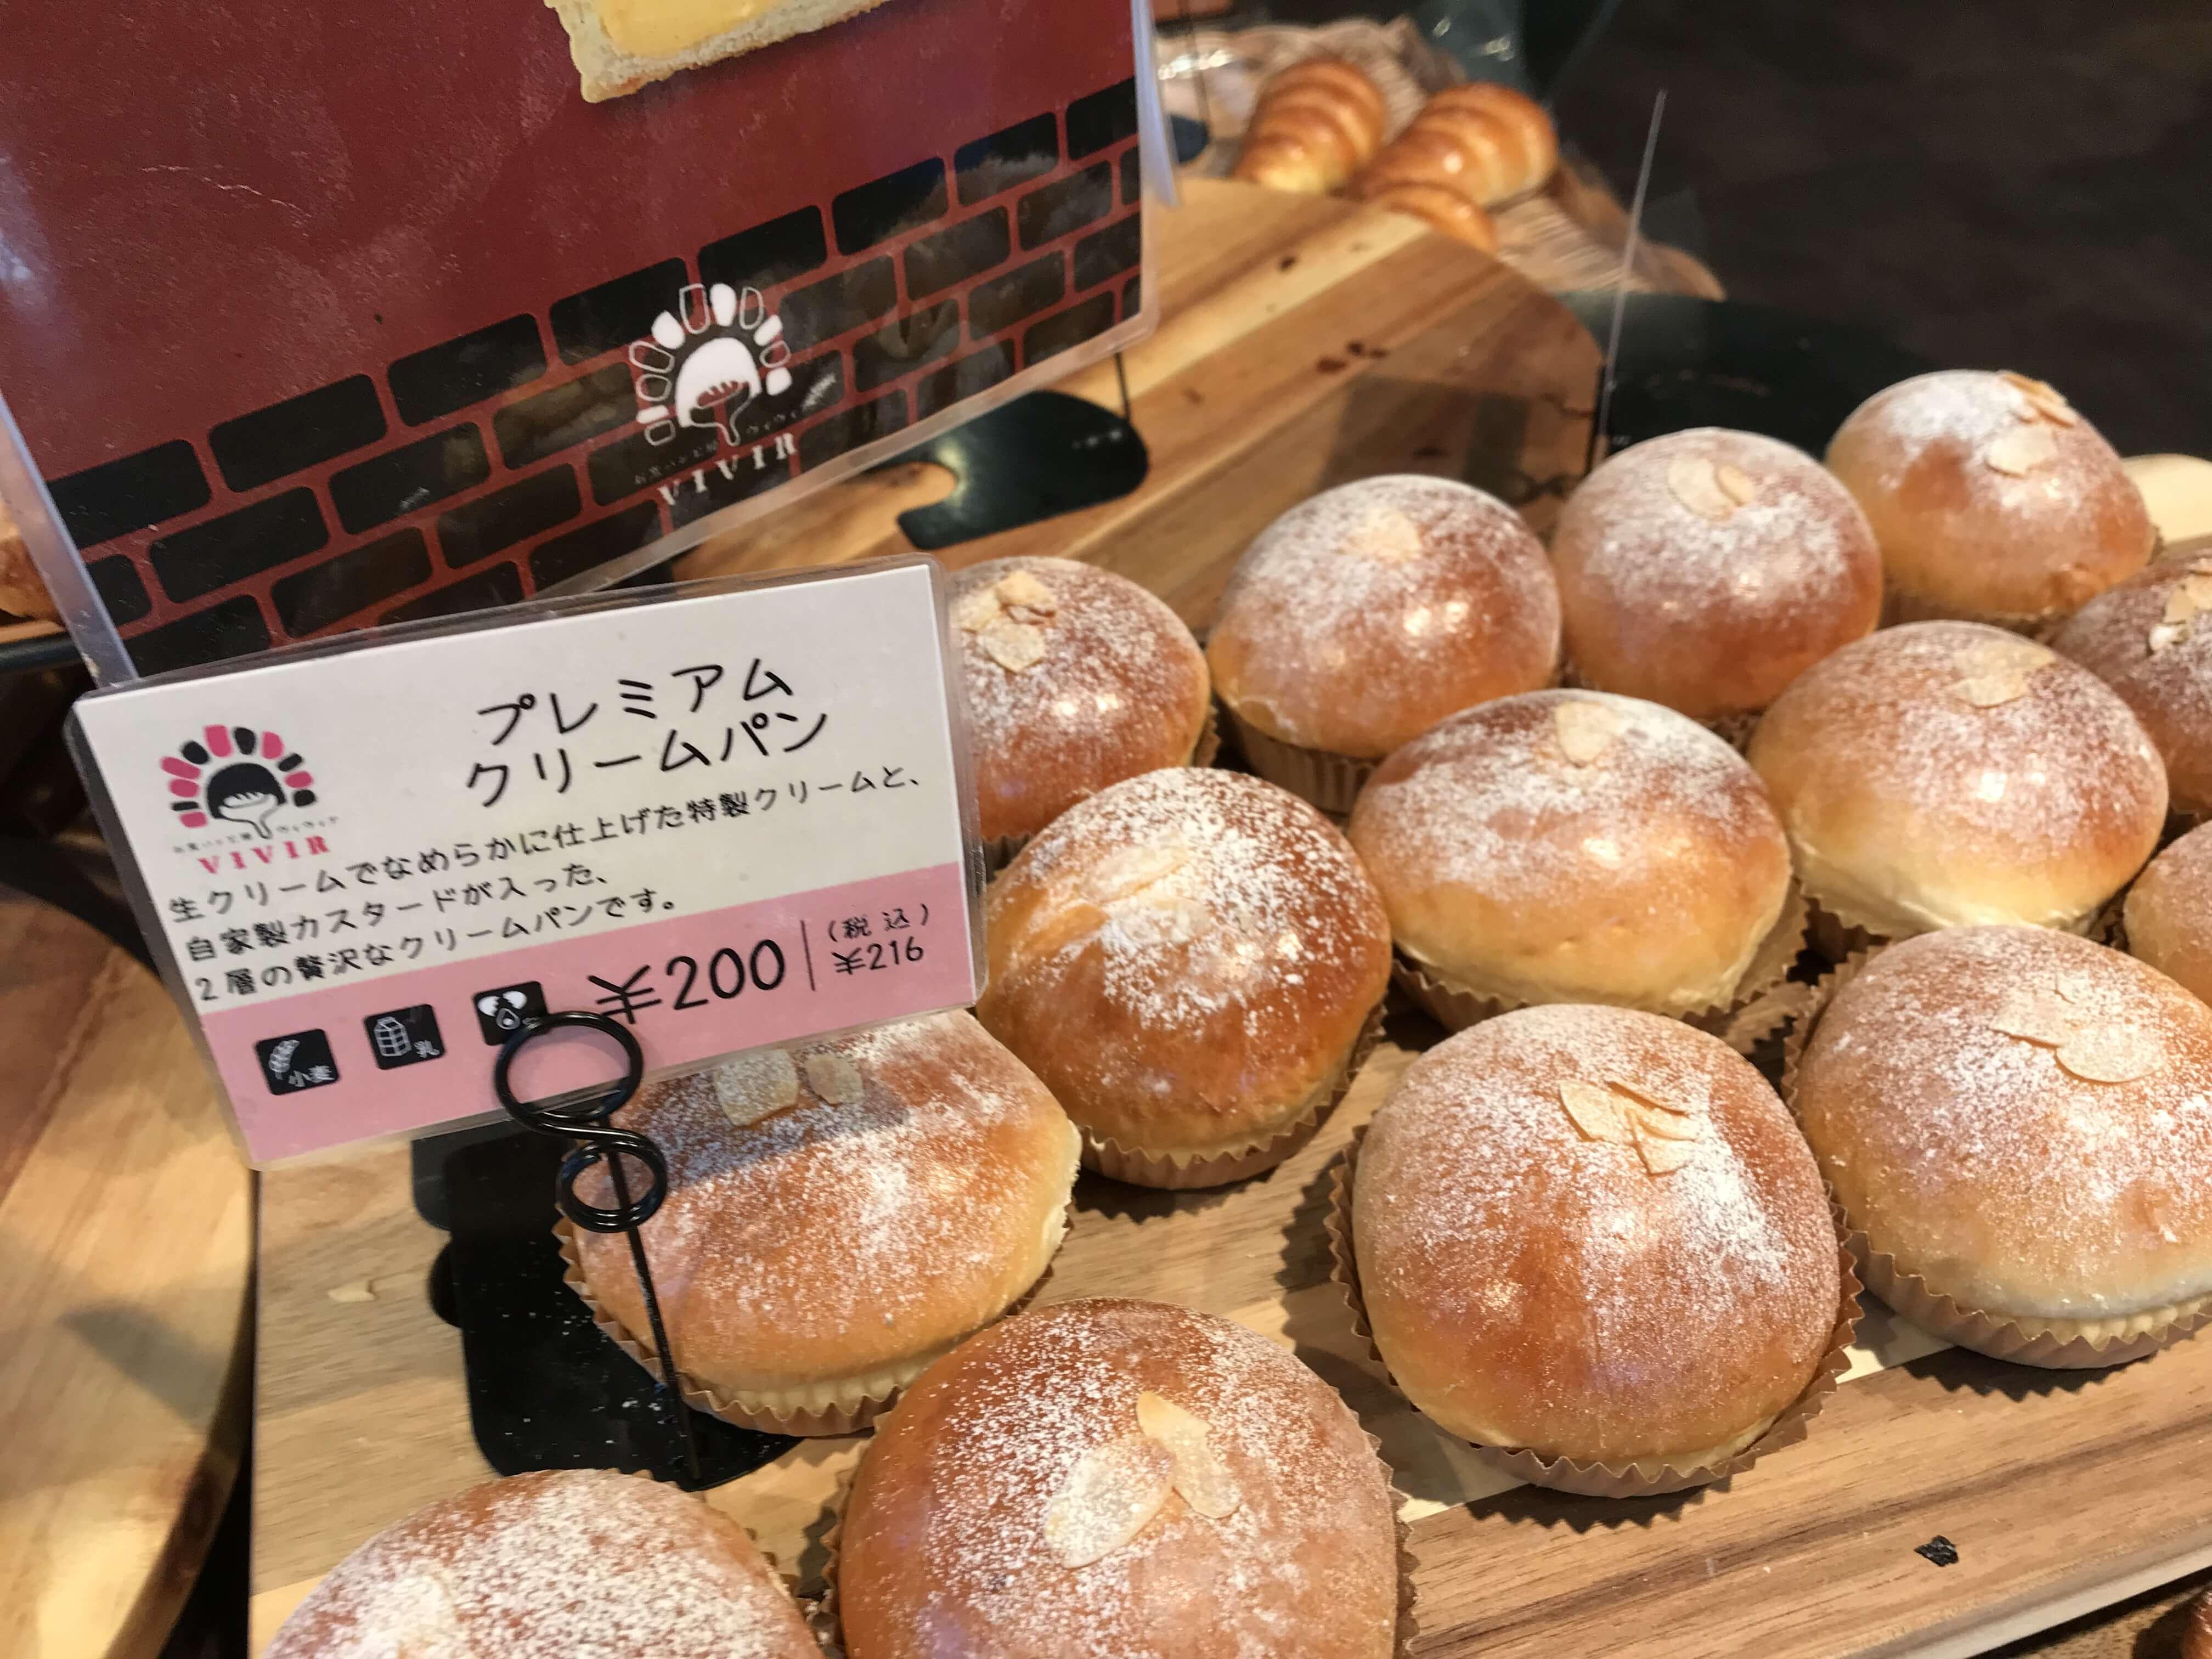 『石窯パン工房VIVIR(ヴィヴィア)金沢店』高岡発!石窯で焼き上げるパンが魅力のベーカリーがオープン!